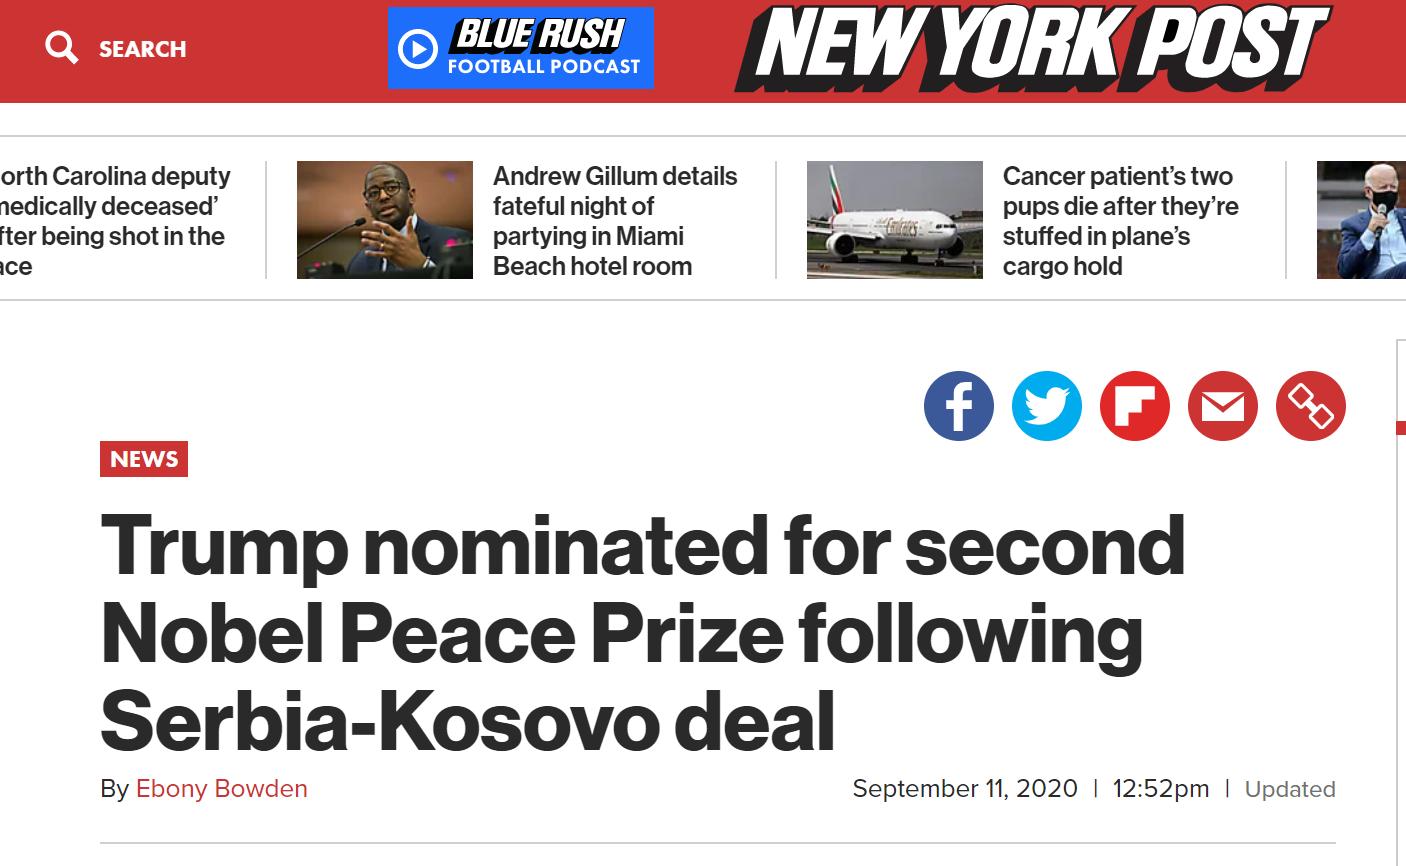 【快猫网址专家】_外媒:特朗普获得今年第二个诺贝尔和平奖提名